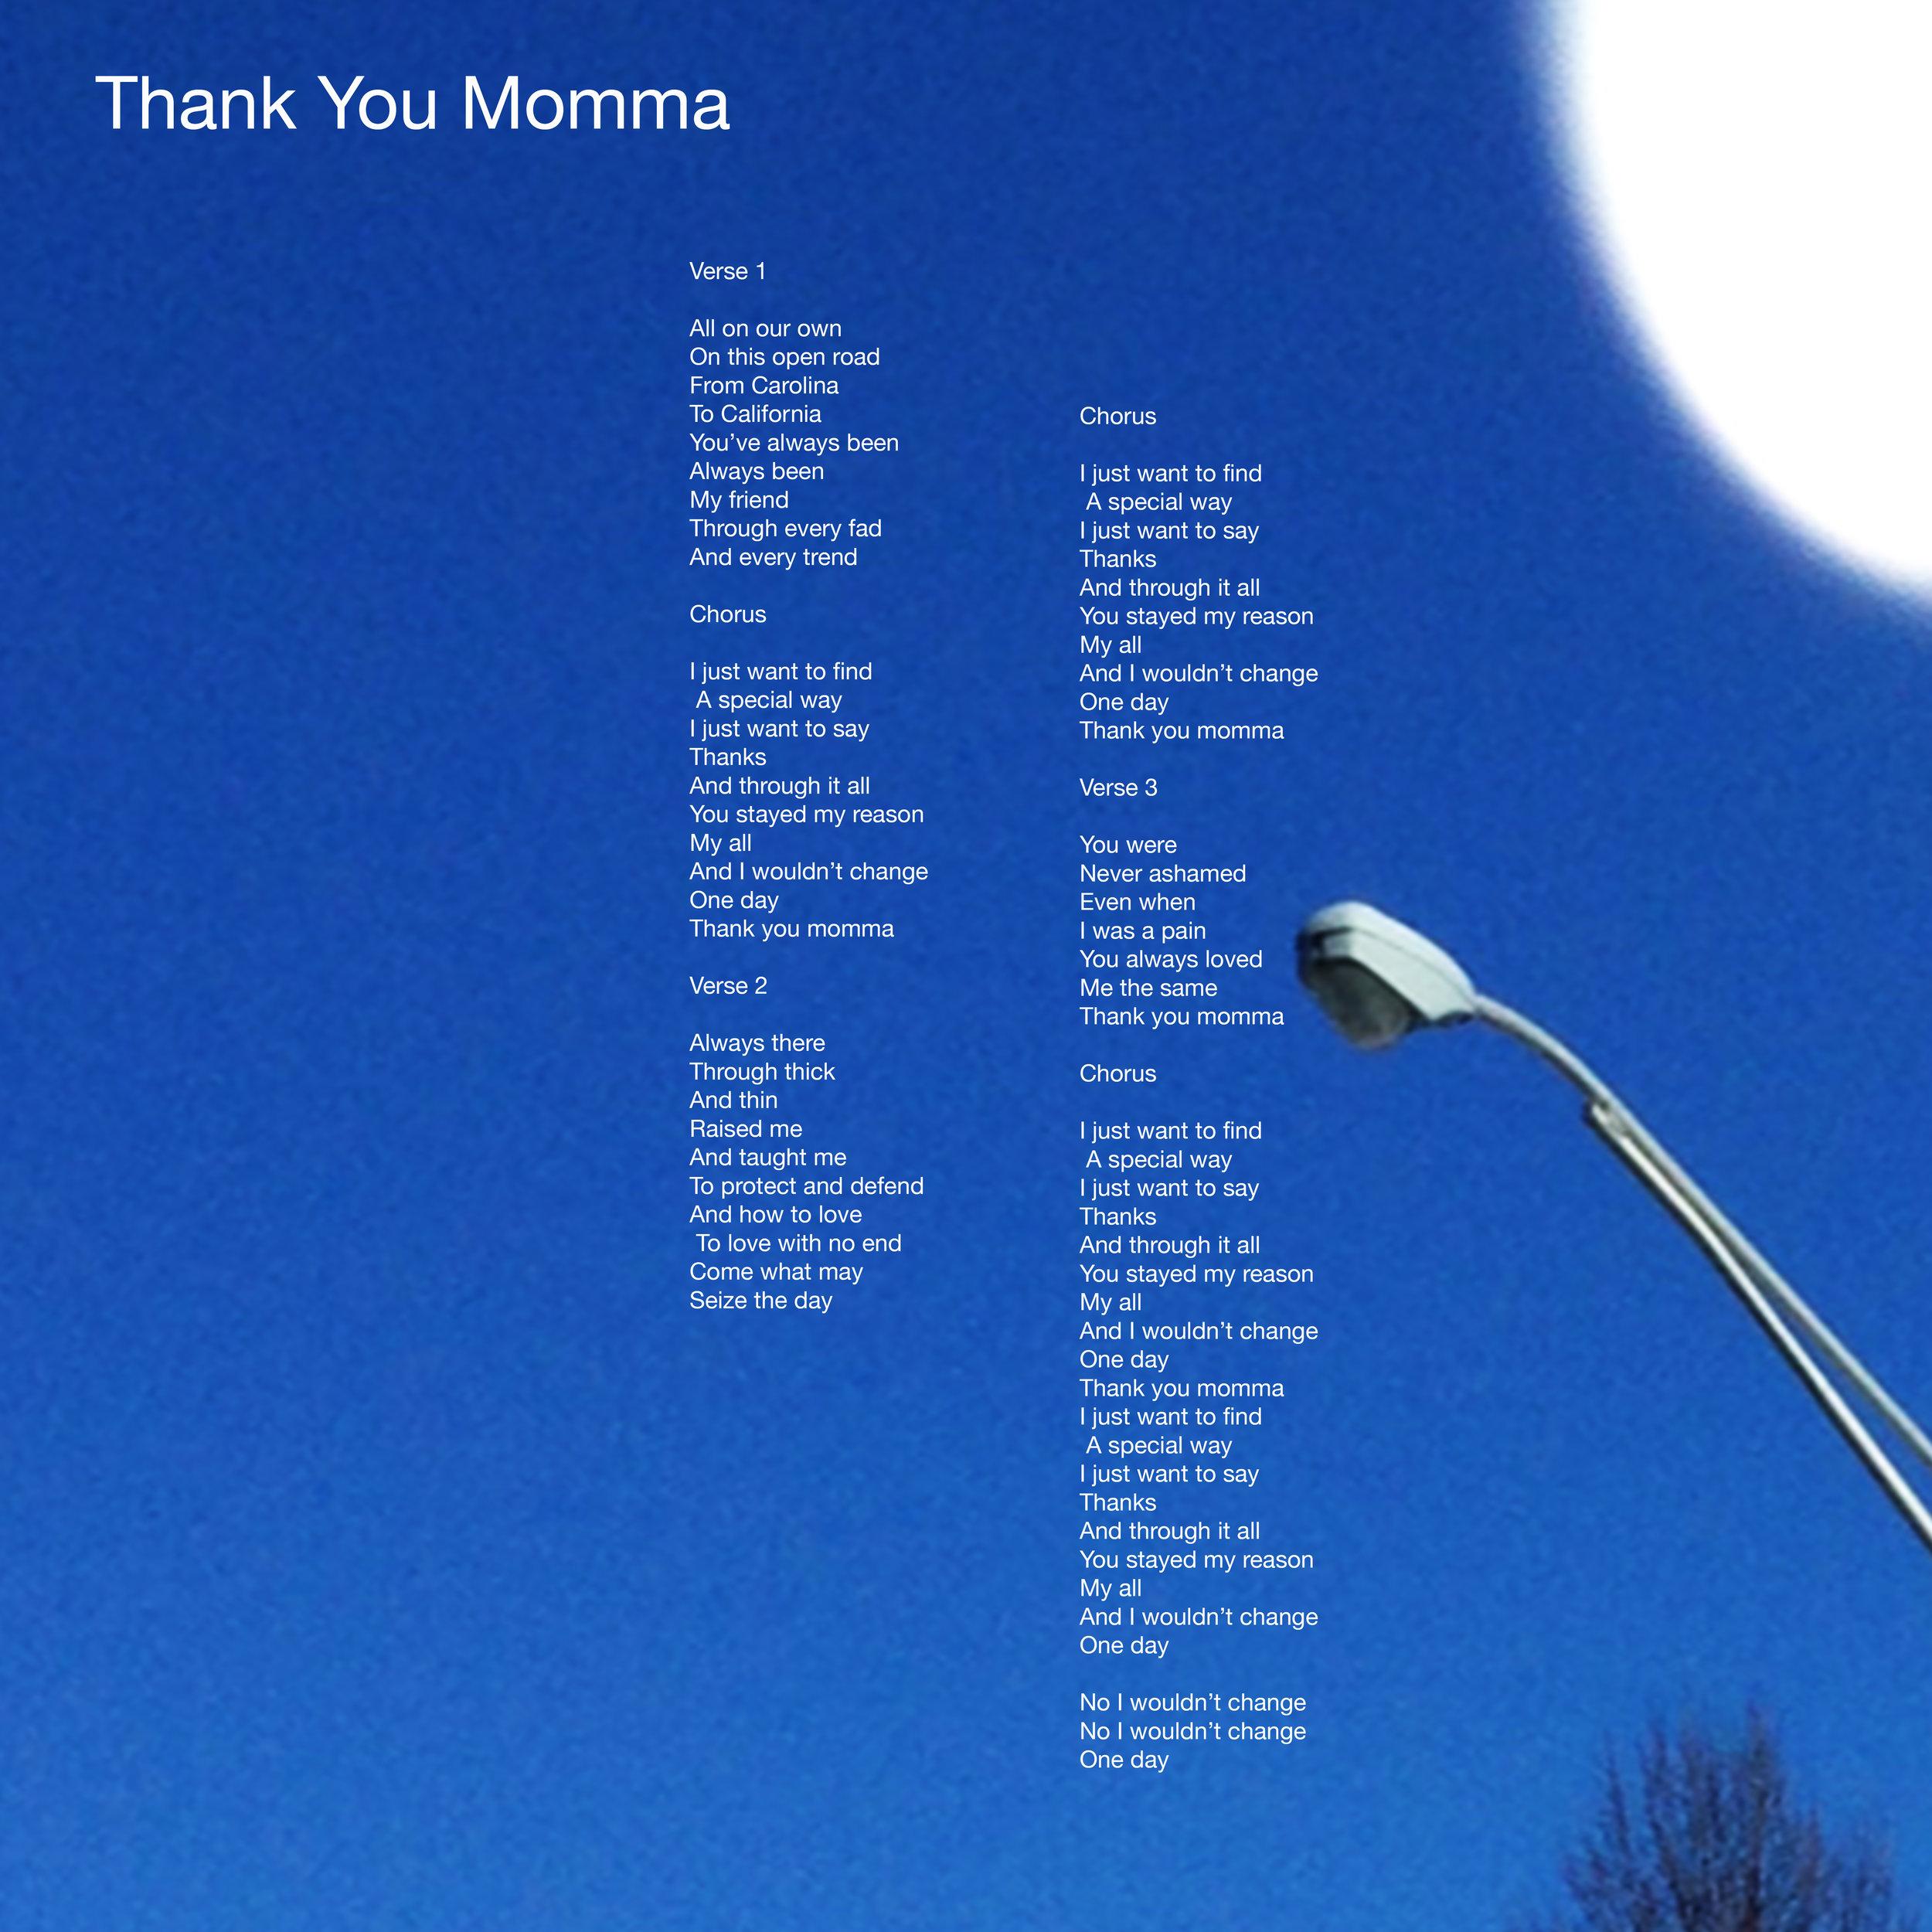 ThankUMommaLyricArtDLX.jpg